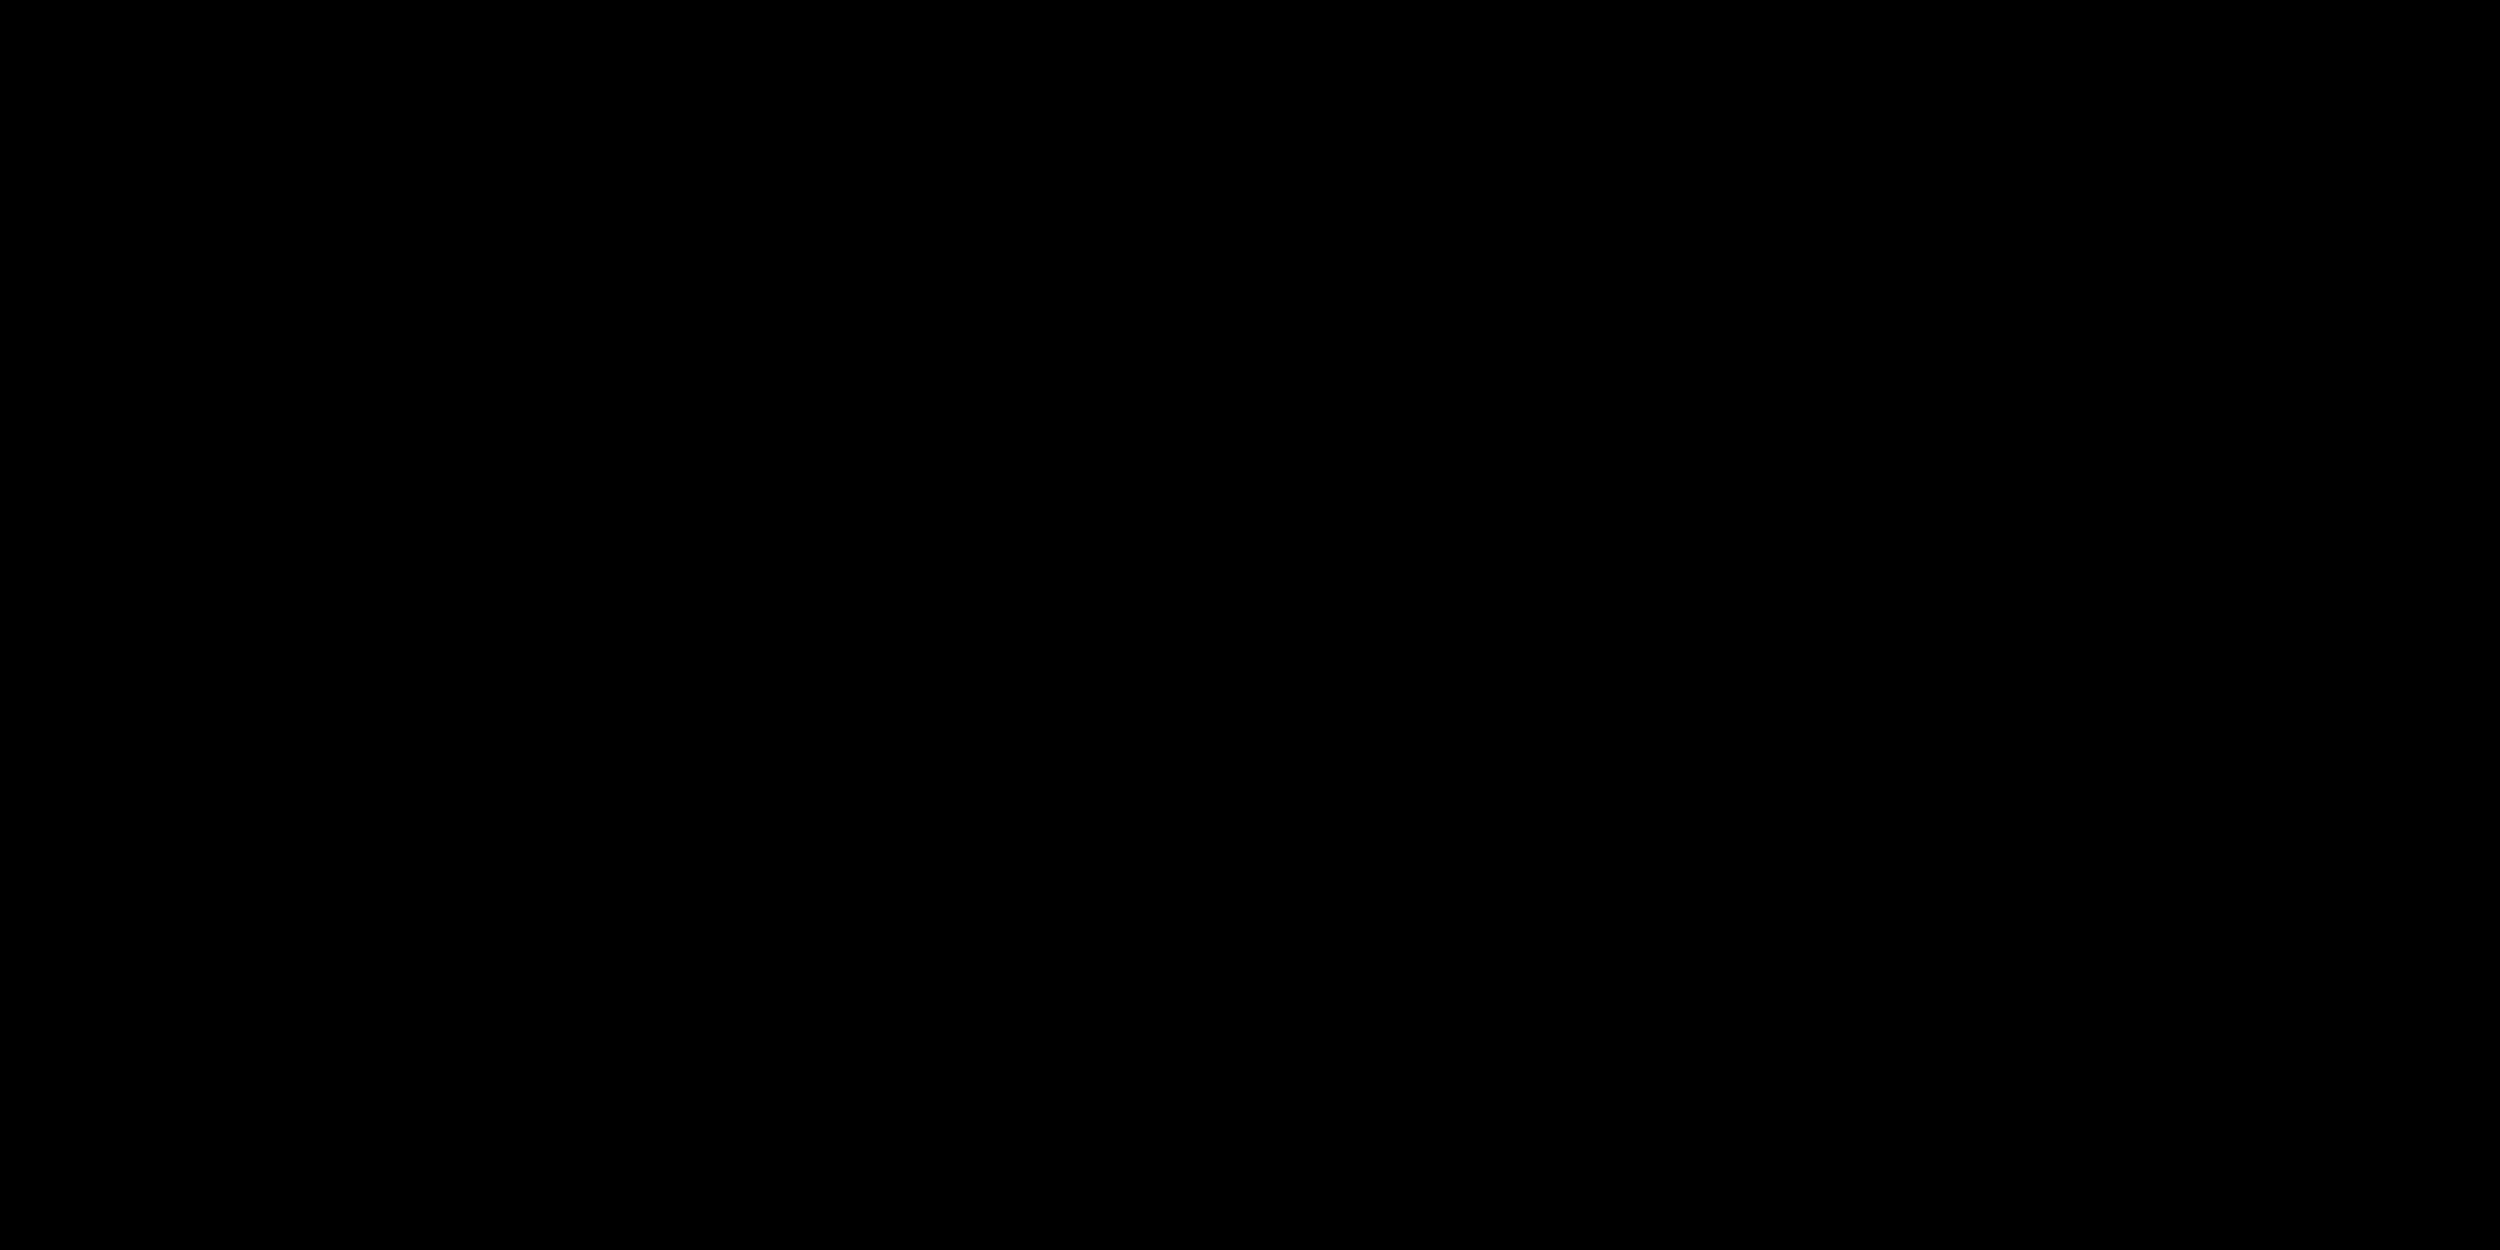 skelleftea_logo_svart copy.png